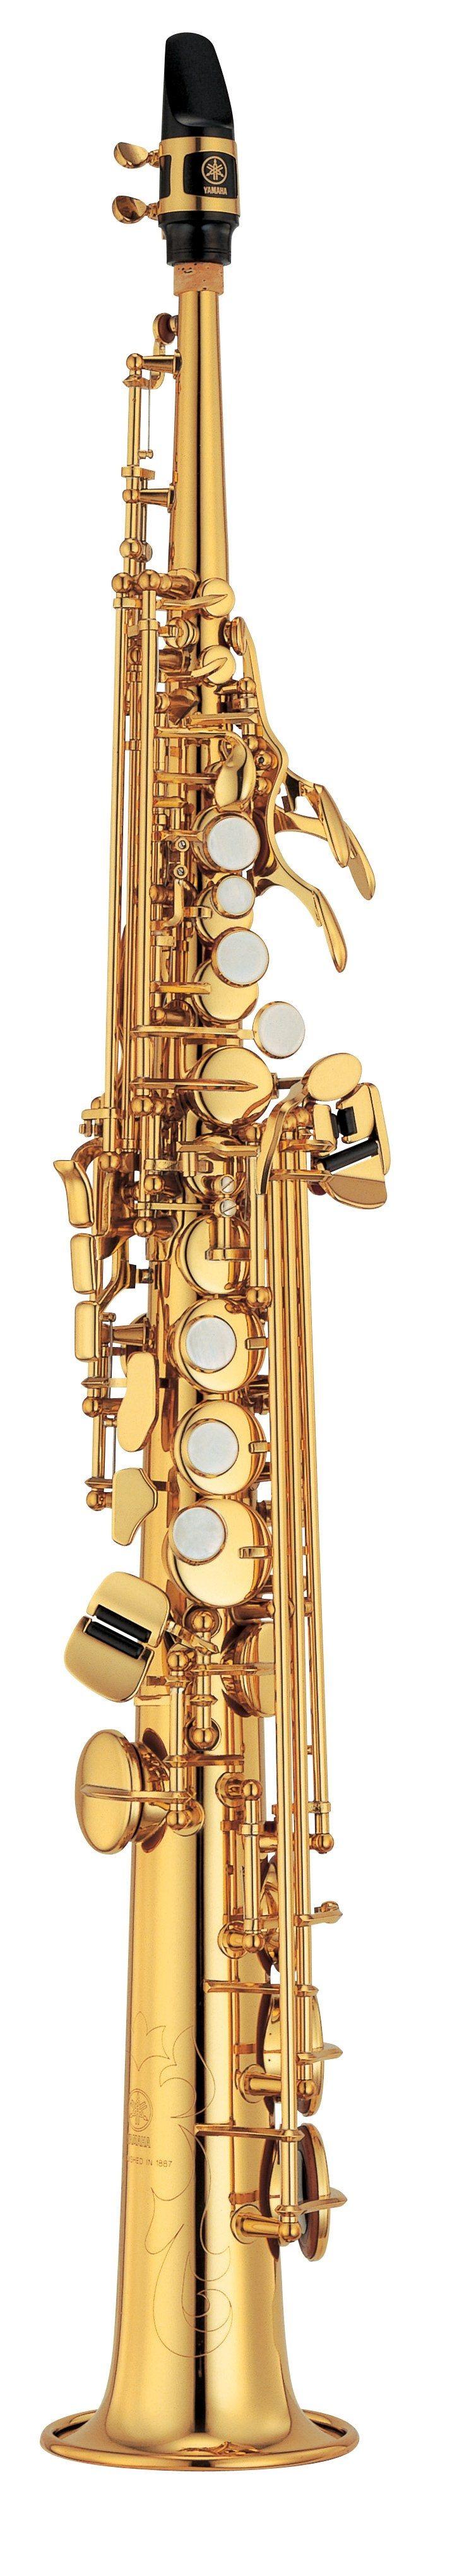 Yamaha - YSS - 475 - II - gerade - Holzblasinstrumente - Saxophone | MUSIK BERTRAM Deutschland Freiburg